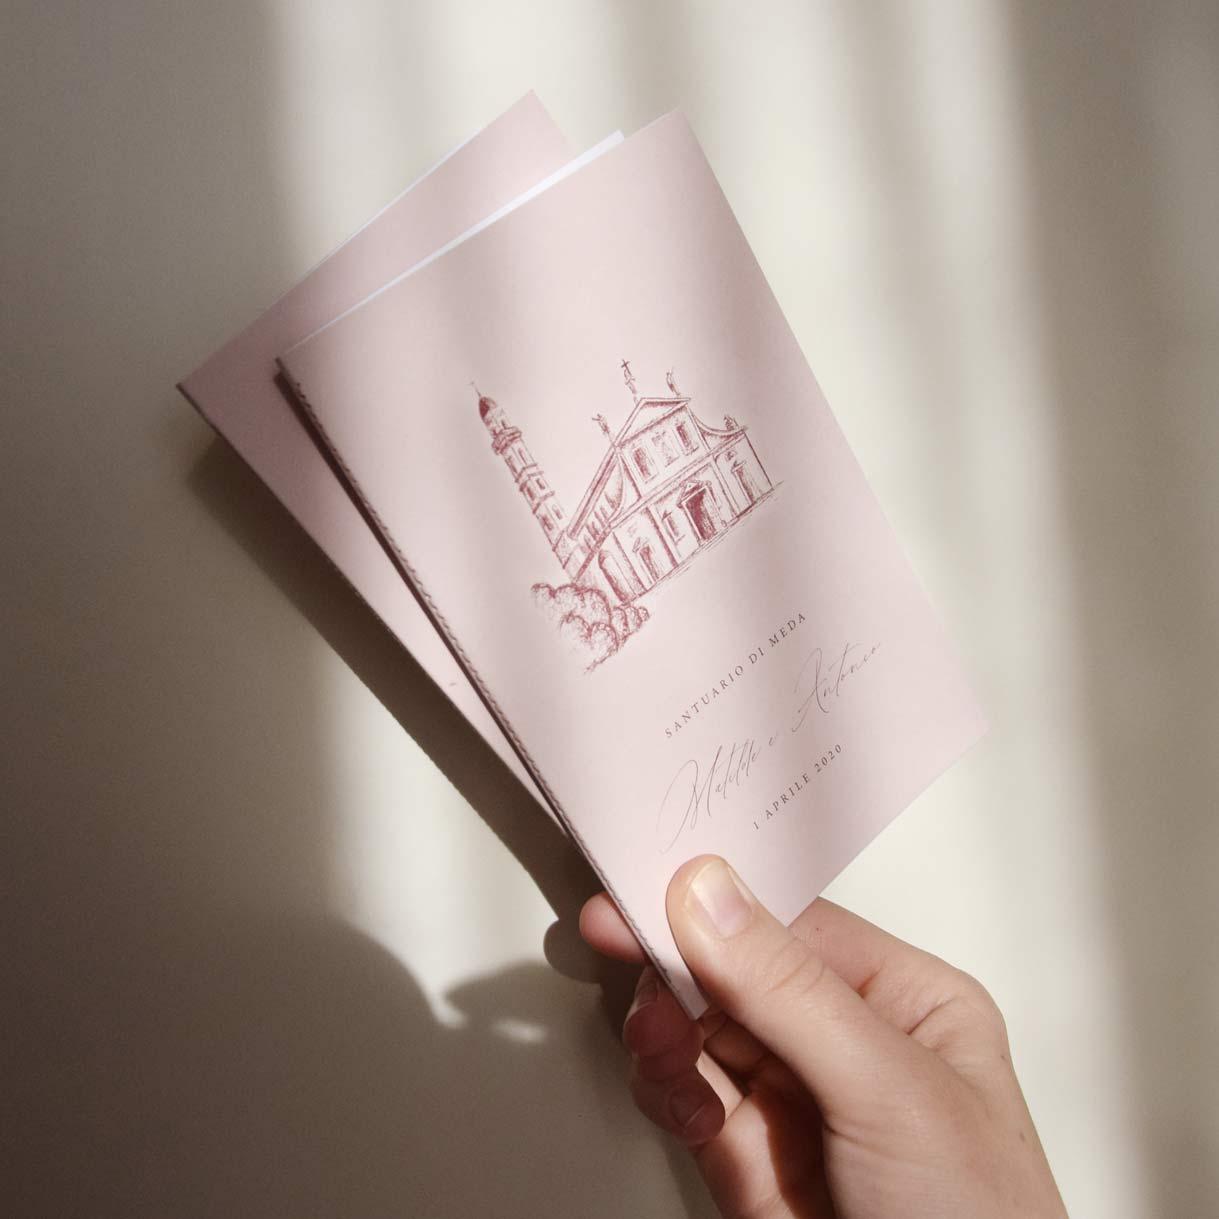 Libretti-messa-librettimessa-messali-personalizzati-illustrati-matrimonio-nozze-sposi-2020